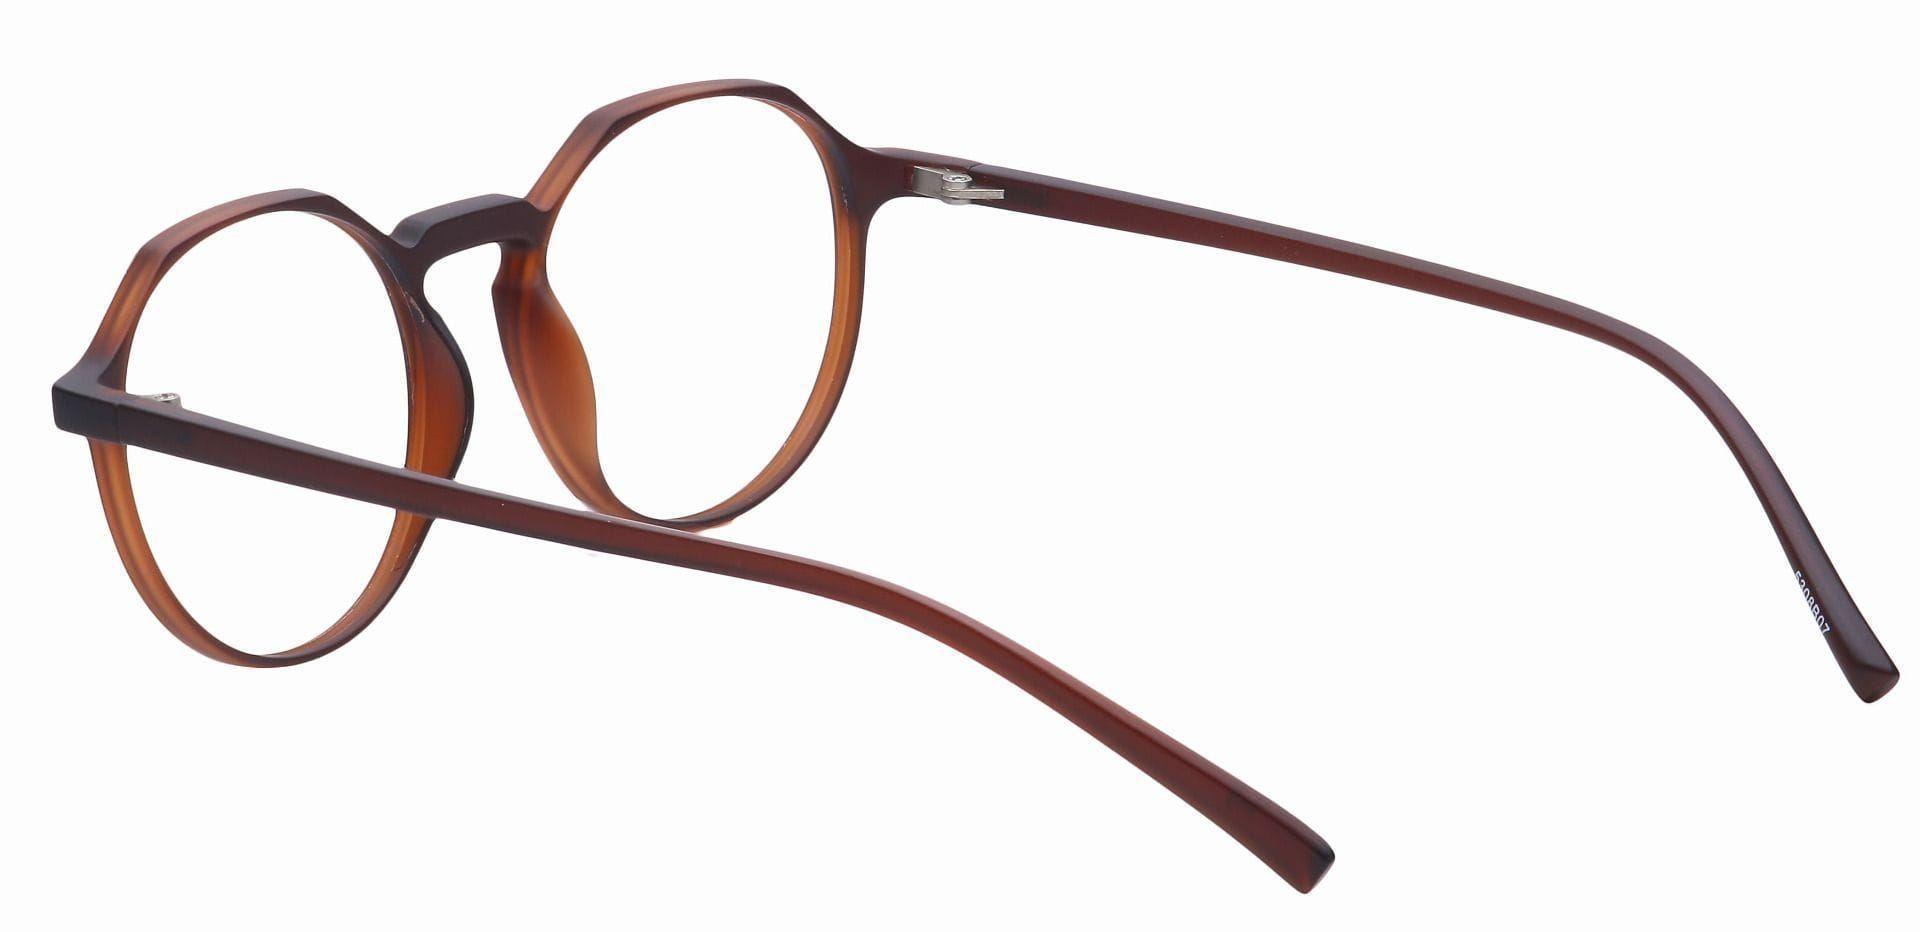 Paragon Oval Prescription Glasses - Brown